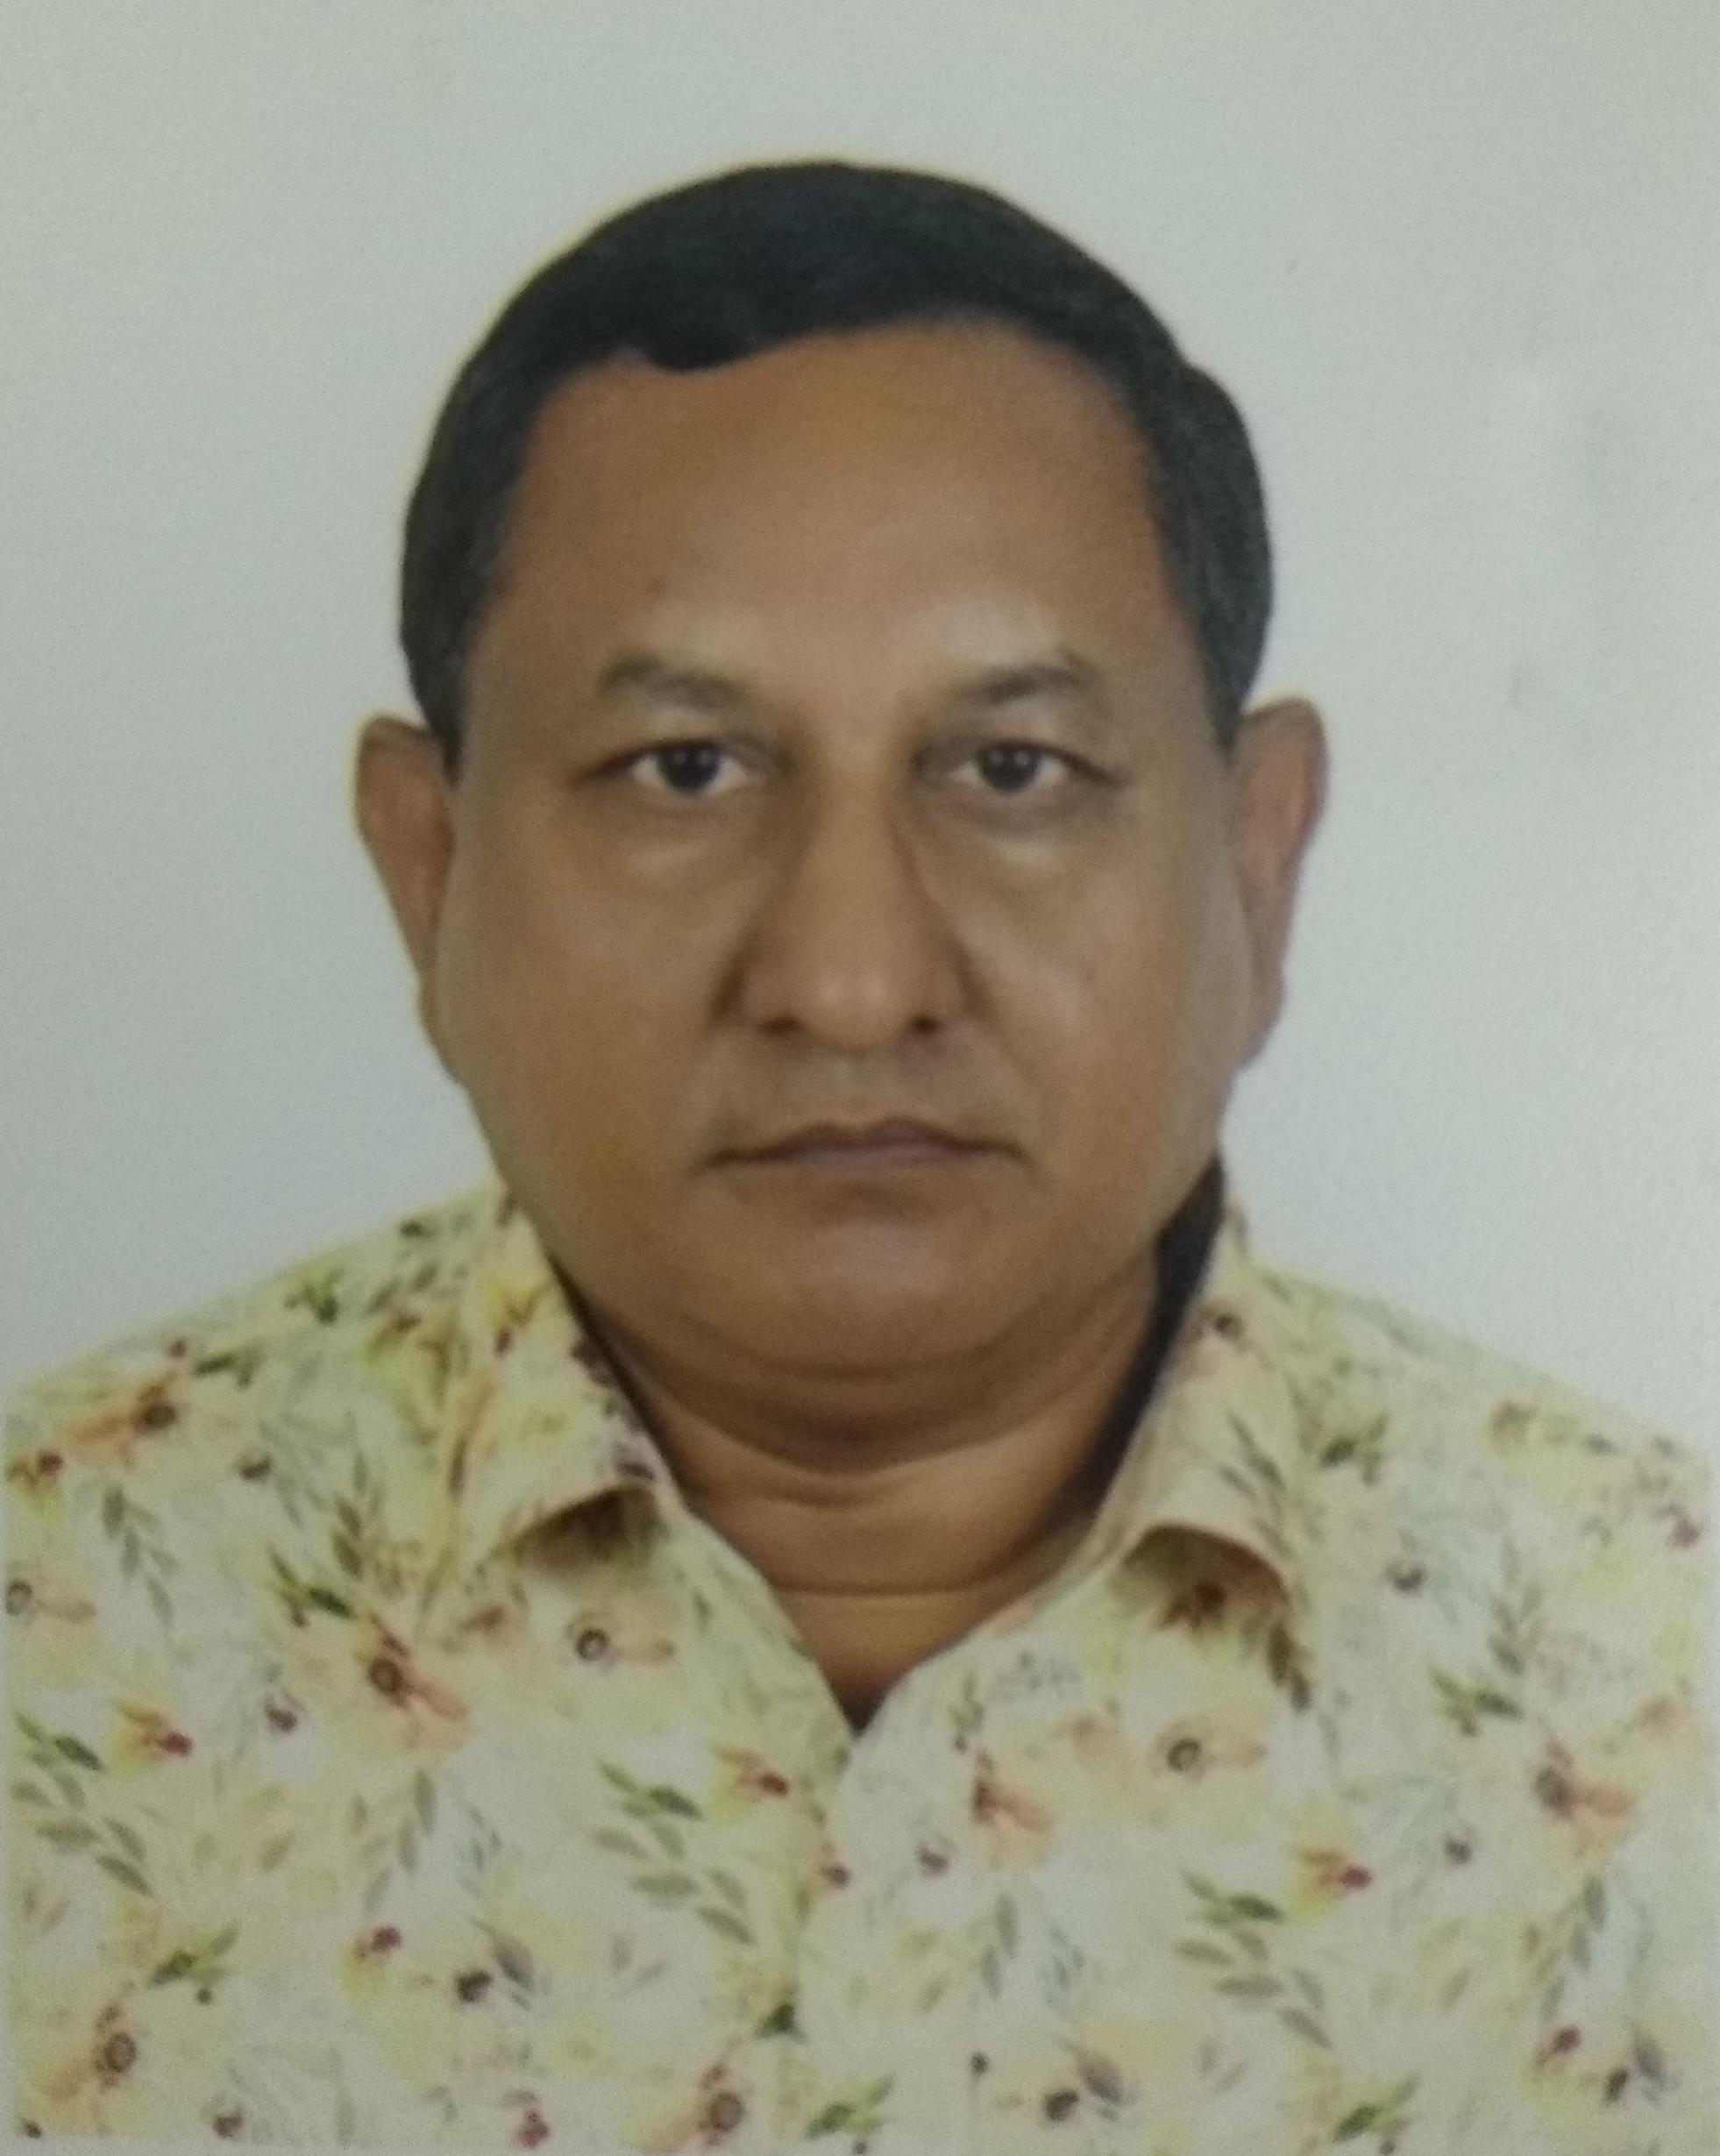 Mr. Mohammed Abdul Baten